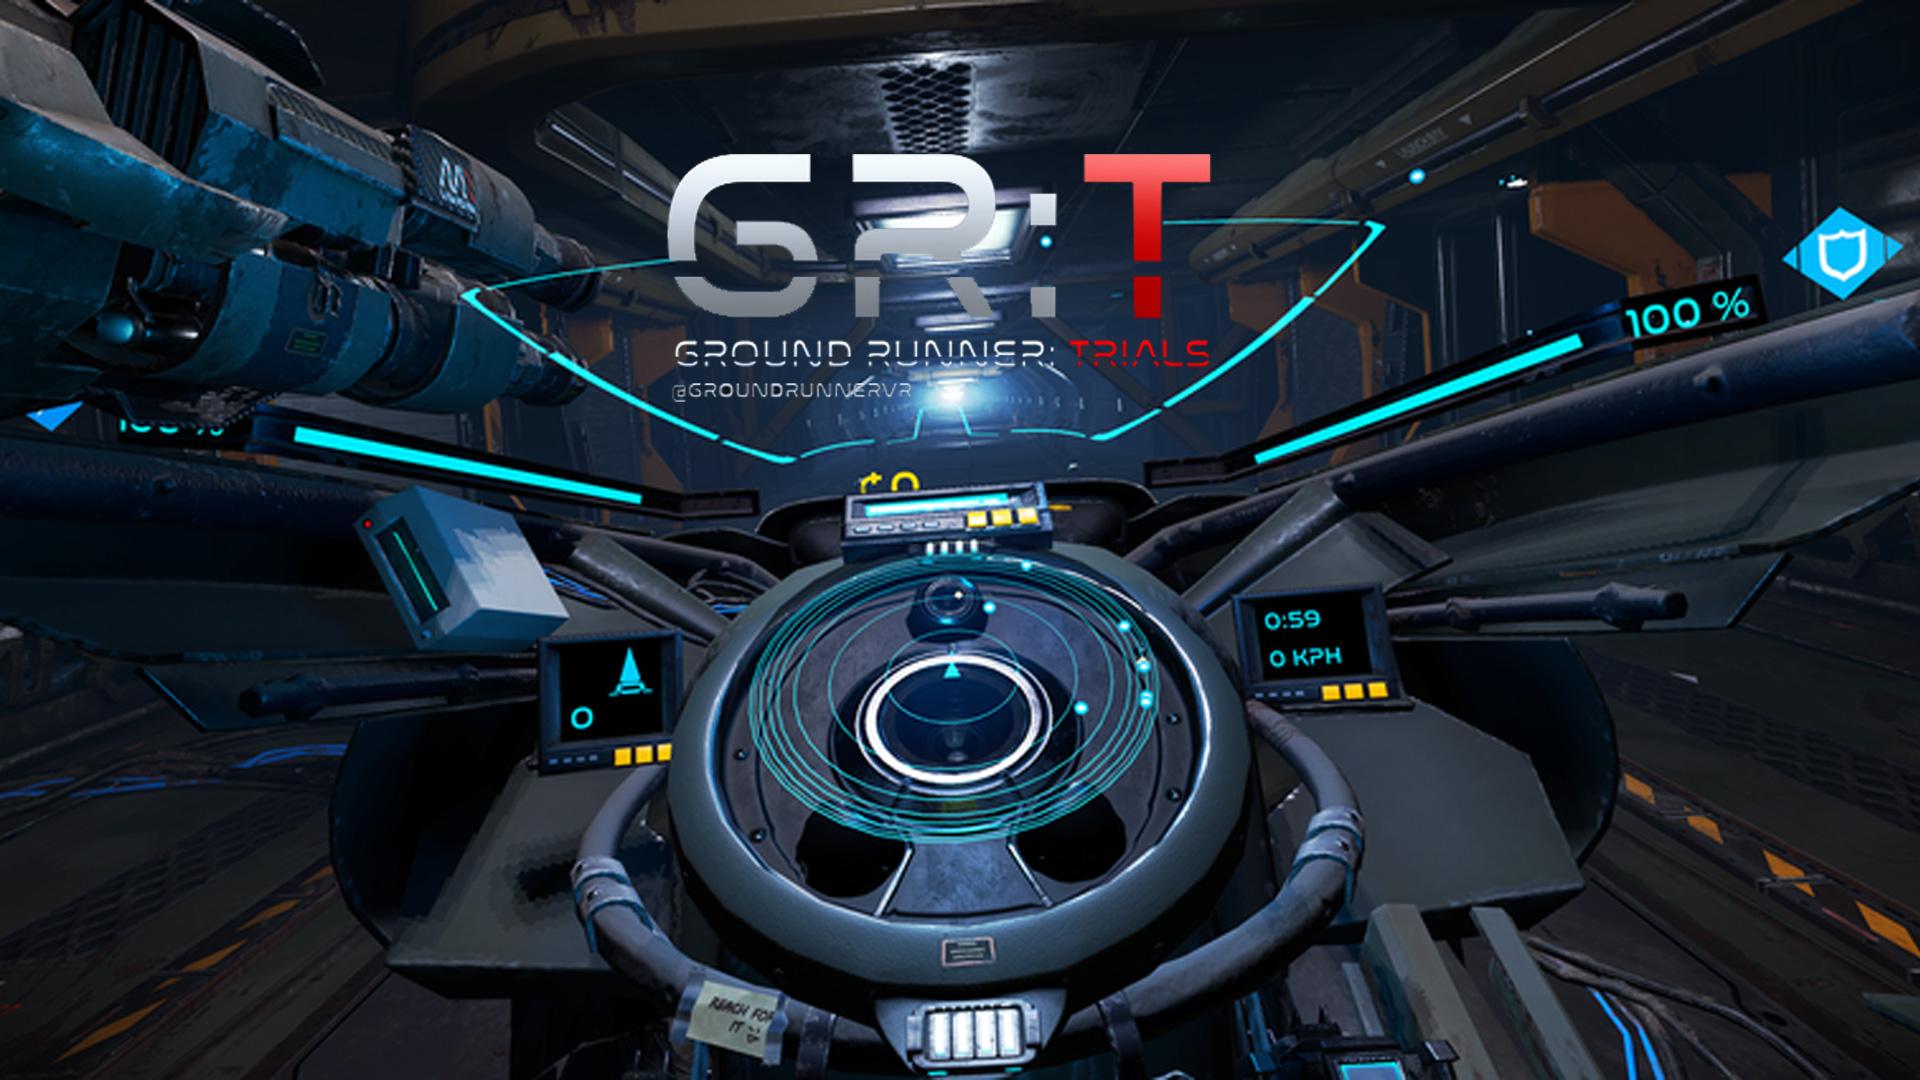 Ground Runner: Trials sur PSVR vrplayer.fr